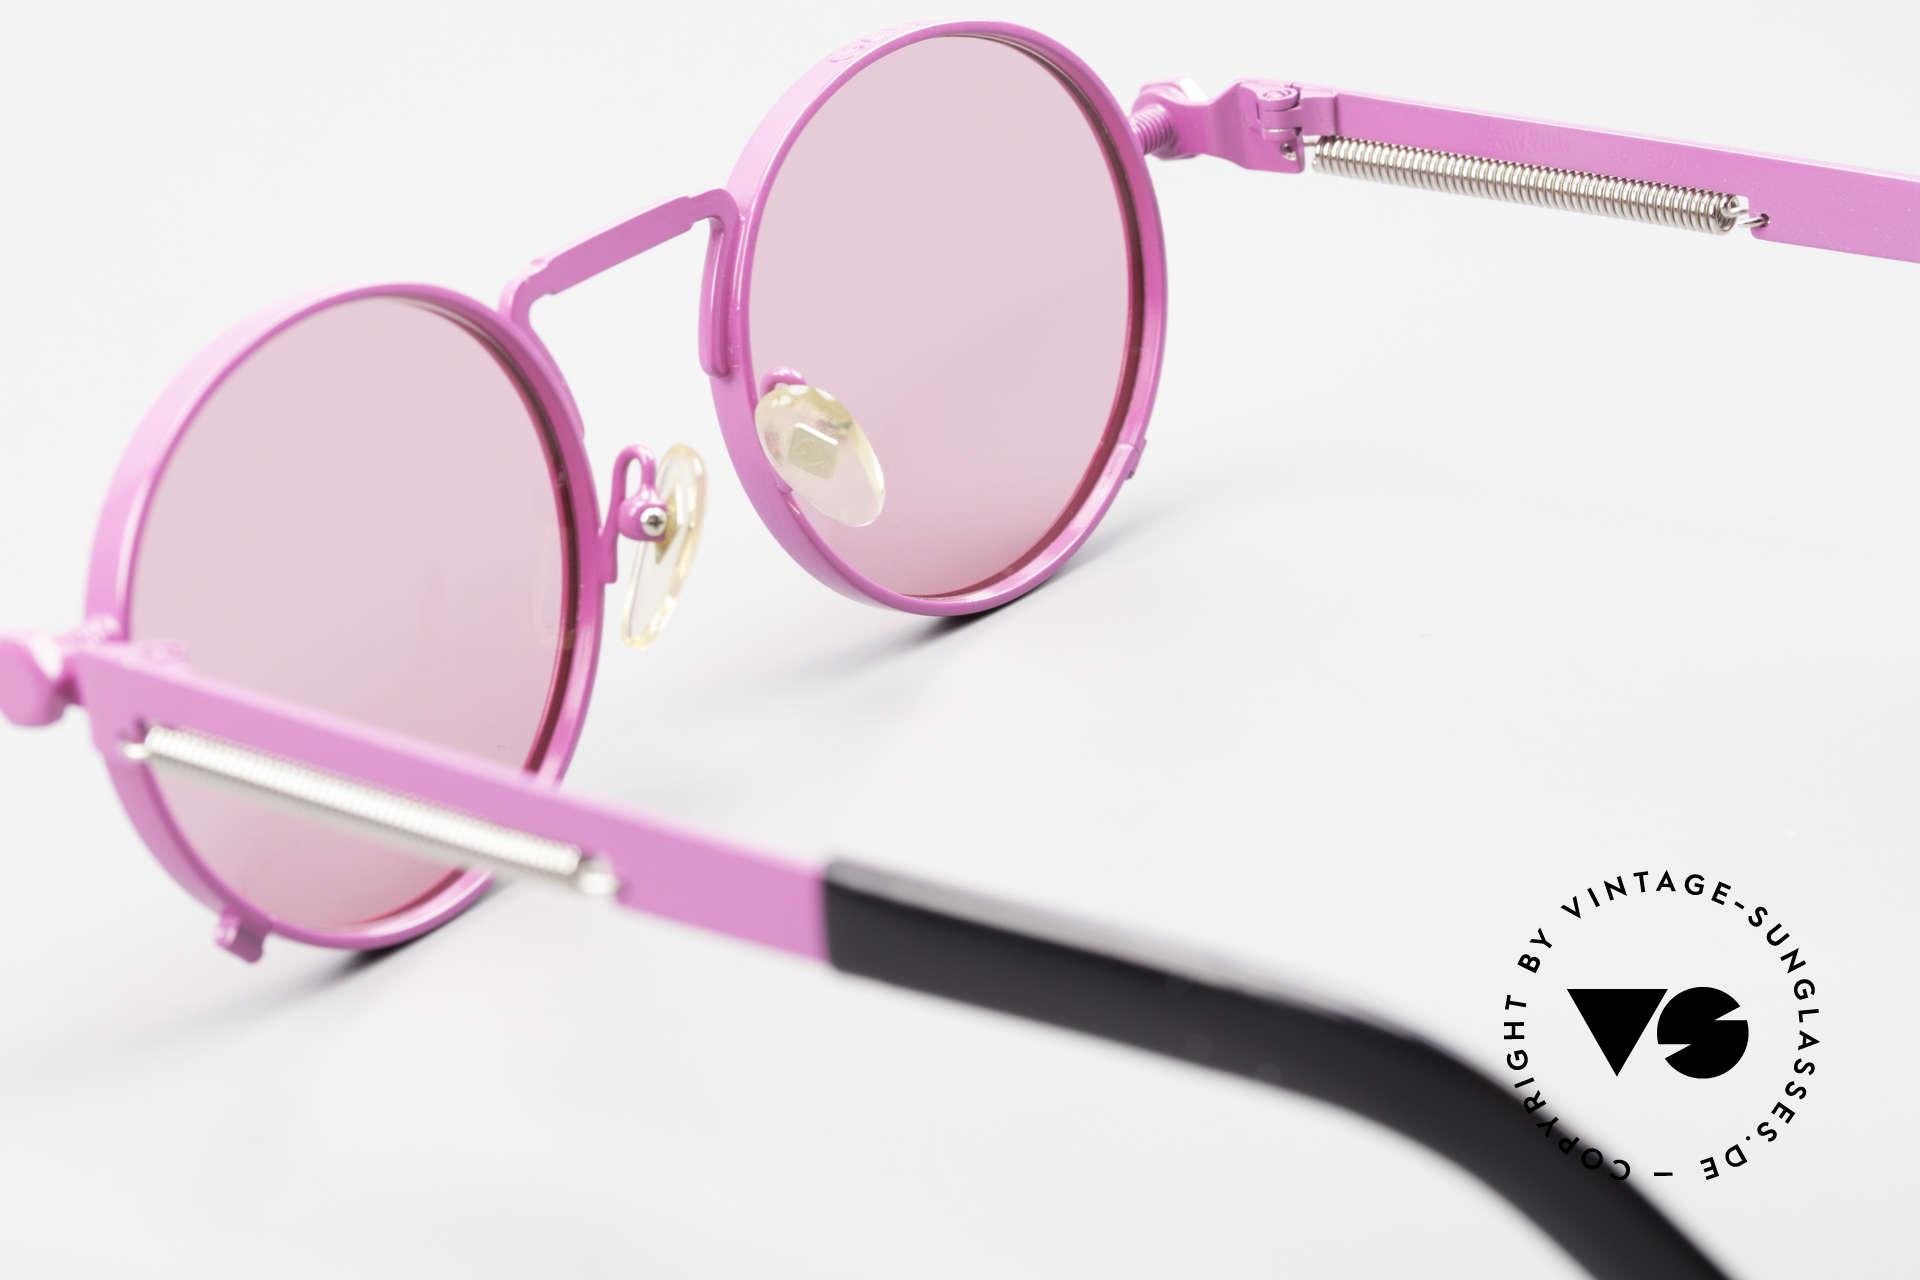 Jean Paul Gaultier 56-8171 Sonderanfertigung in Pink, SONDERANFERTIGUNG in PINK; GIBT'S NUR EINMAL, Passend für Herren und Damen